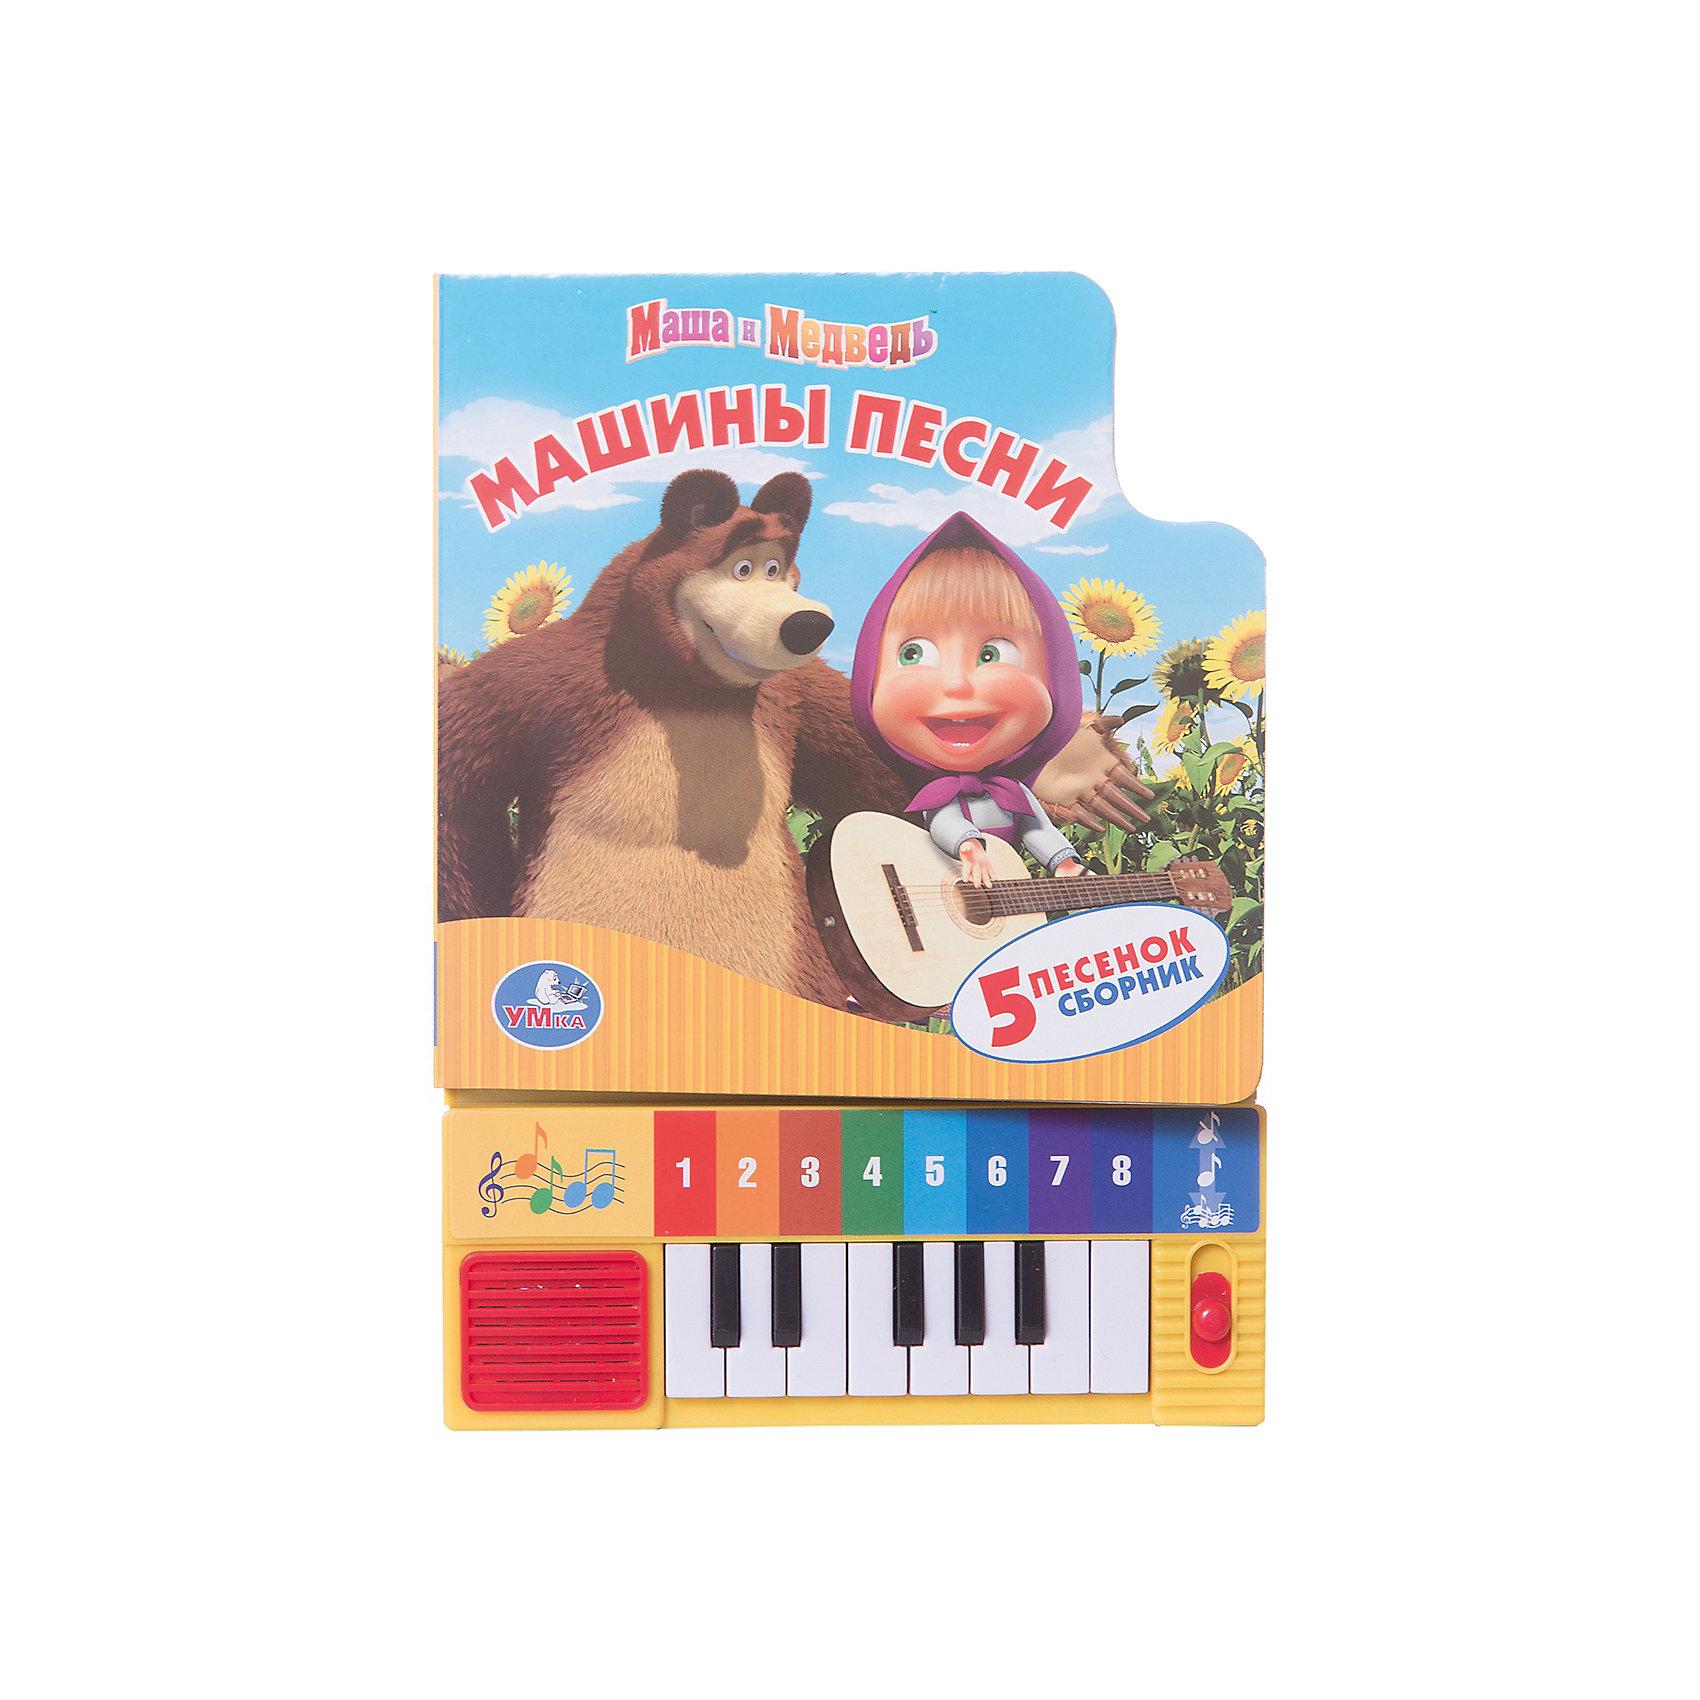 Книга-пианино Машины песни, Маша и МедведьМузыкальные книги<br>Замечательна книга-пианино приведет в восторг всех малышей! Можно читать увлекательные истории о приключениях Маши или же послушать веселые добрые песенки. Кроме того, кроха может проиграть на клавишах самостоятельно, переключив режим пианино. На каждой странице книги представлен текст песенки (вся песенка или ее часть) с разноцветными нотками, которые соответствуют цвету клавиш пианино.<br><br>Дополнительная информация:<br><br>- Формат: 14,3х20,2 см.<br>- Переплет: картон.<br>- Количество страниц: 10.<br>- Иллюстрации: цветные.<br>-Элемент питания: 2 батарейки ААА (в комплекте).<br>- 8 клавиш.<br><br>Книгу-пианино Машины песни, Маша и Медведь, можно купить в нашем магазине.<br><br>Ширина мм: 150<br>Глубина мм: 200<br>Высота мм: 20<br>Вес г: 280<br>Возраст от месяцев: 12<br>Возраст до месяцев: 60<br>Пол: Унисекс<br>Возраст: Детский<br>SKU: 4053327